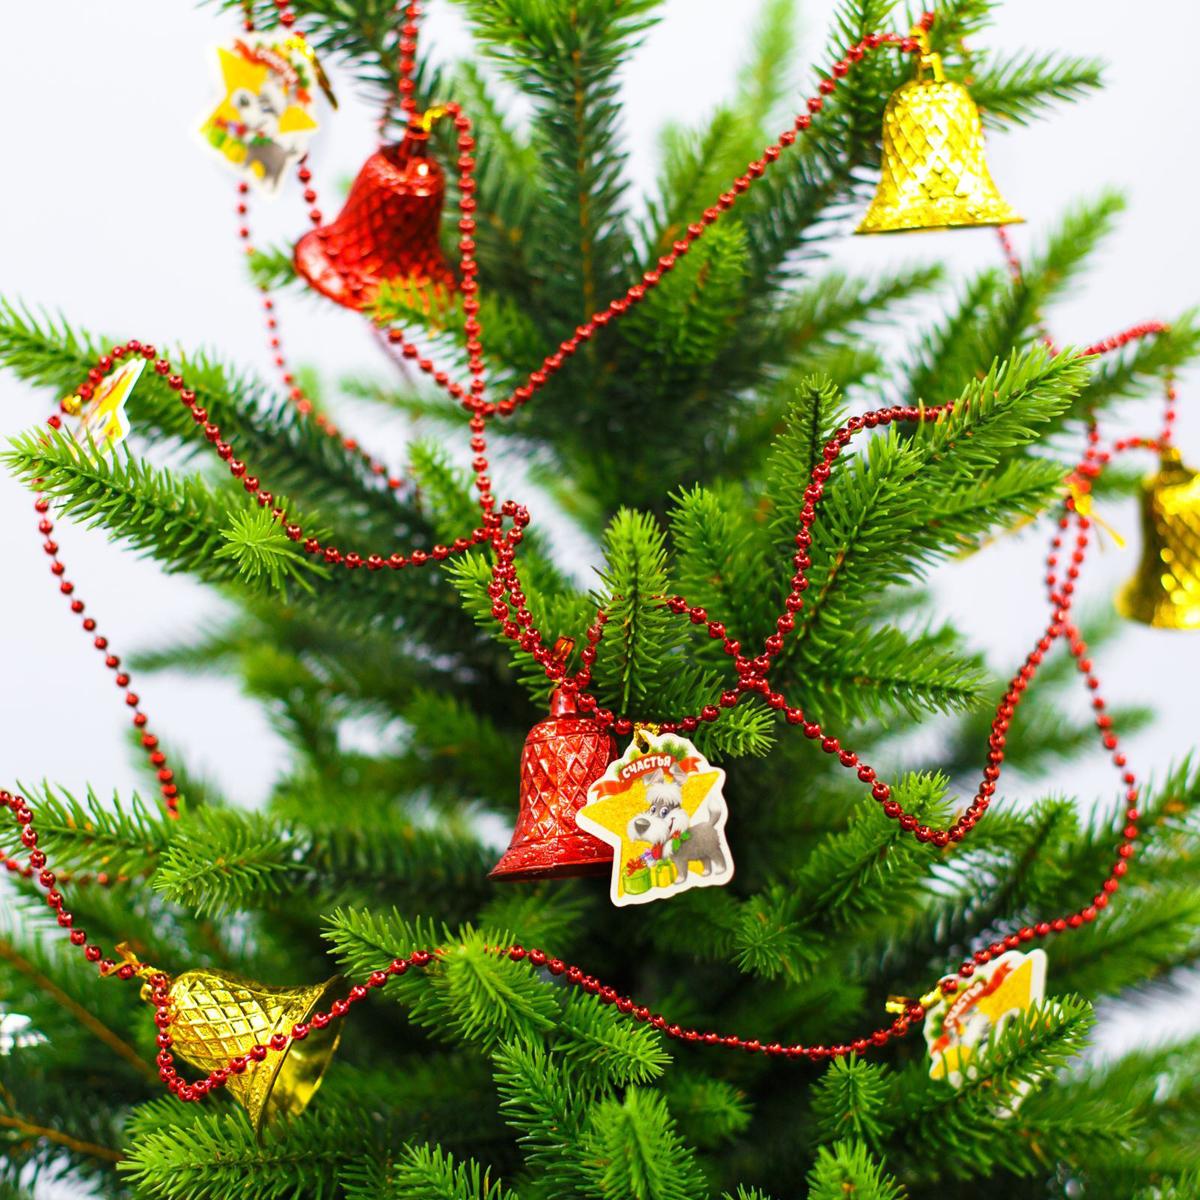 Гирлянда новогодняя Счастья, длина 2 м2301775Как приятно преображать жилище в преддверии долгожданного торжества! Декором можно не только оформить елку, но и украсить шкаф или стену.